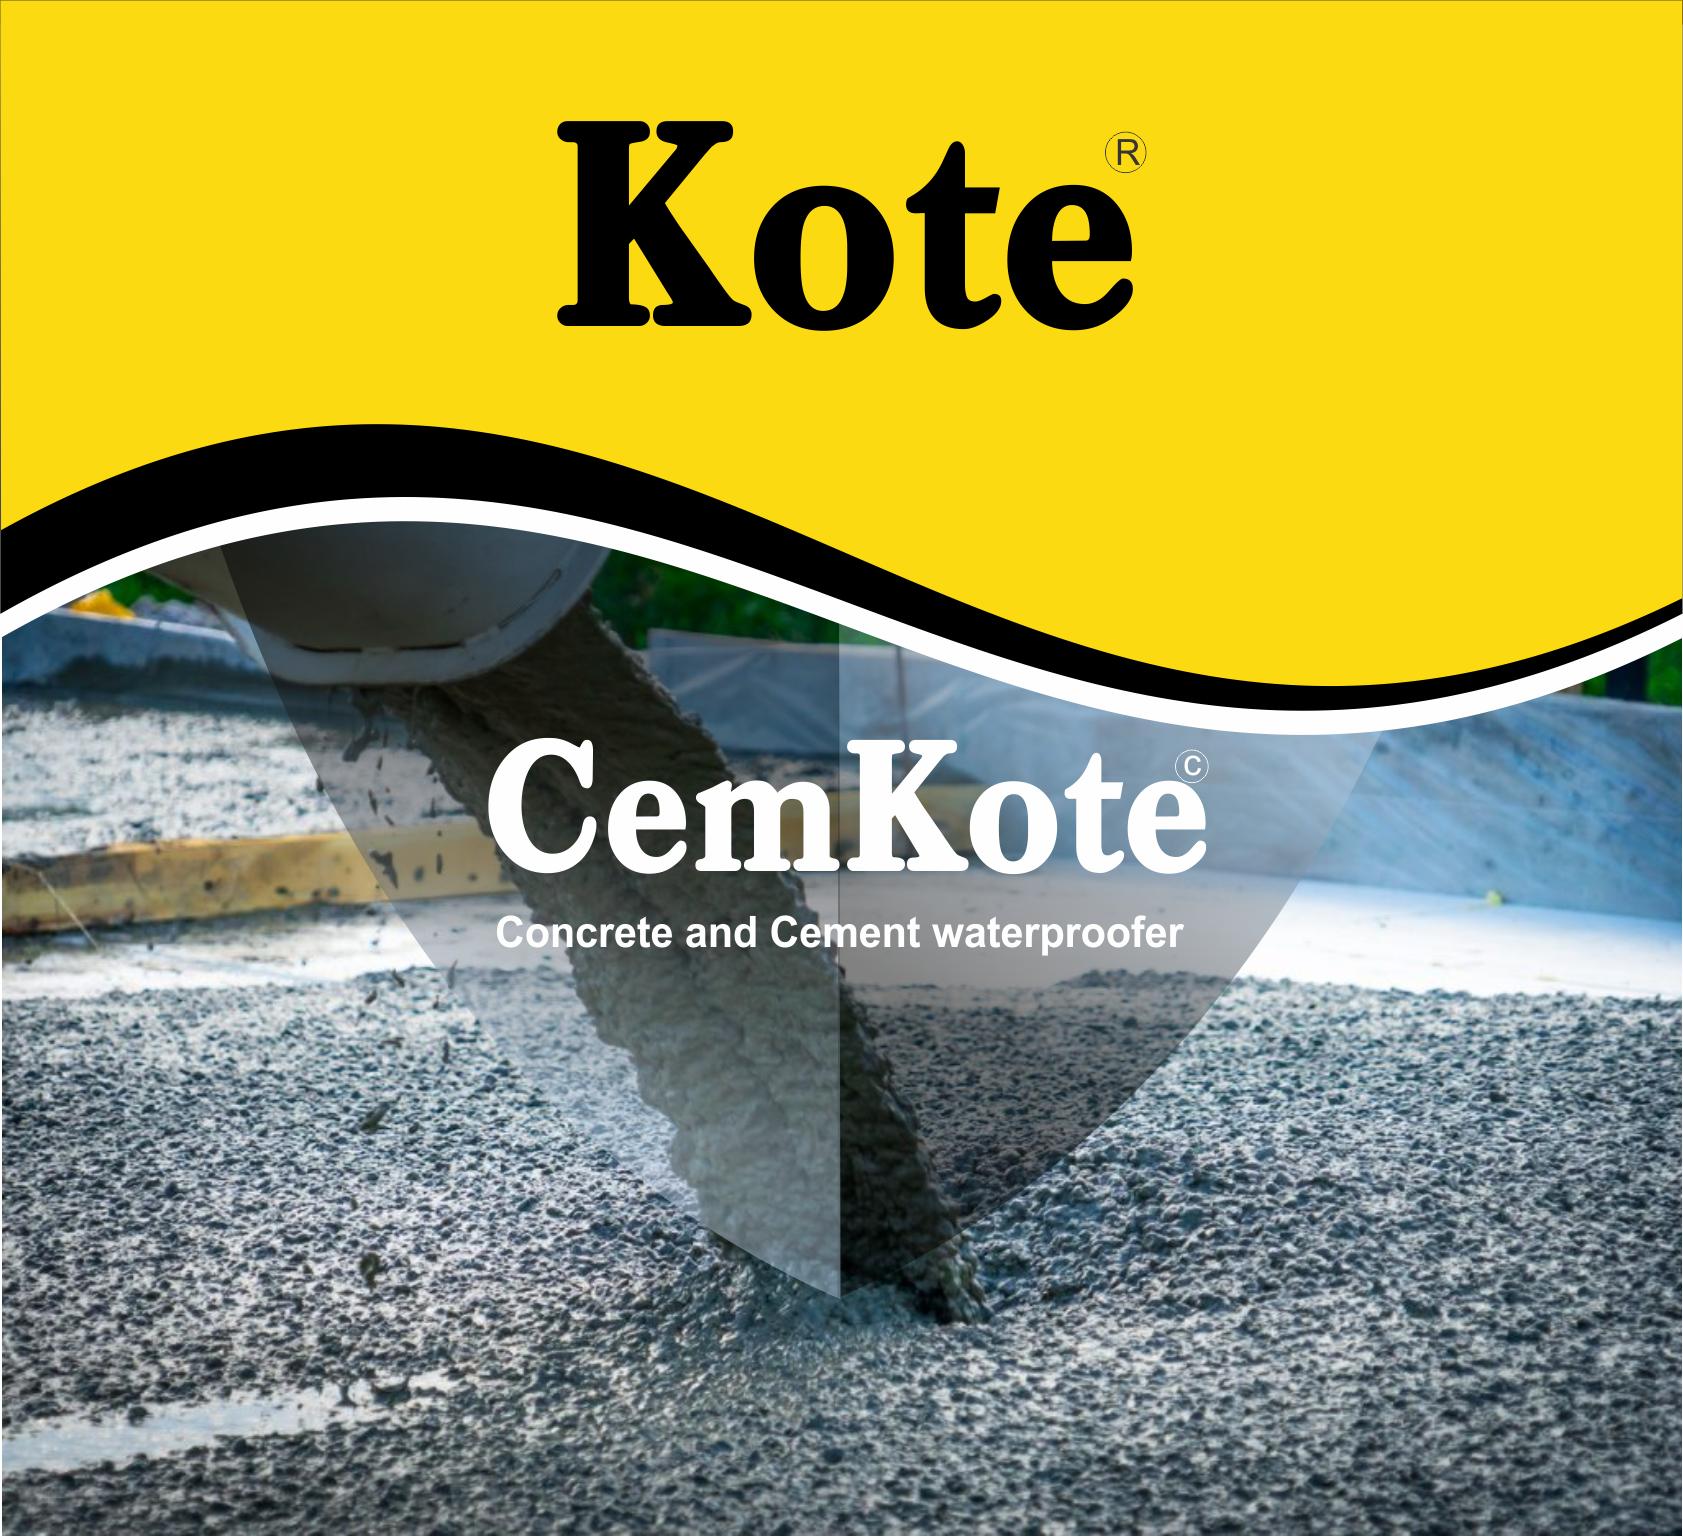 CemKote Label